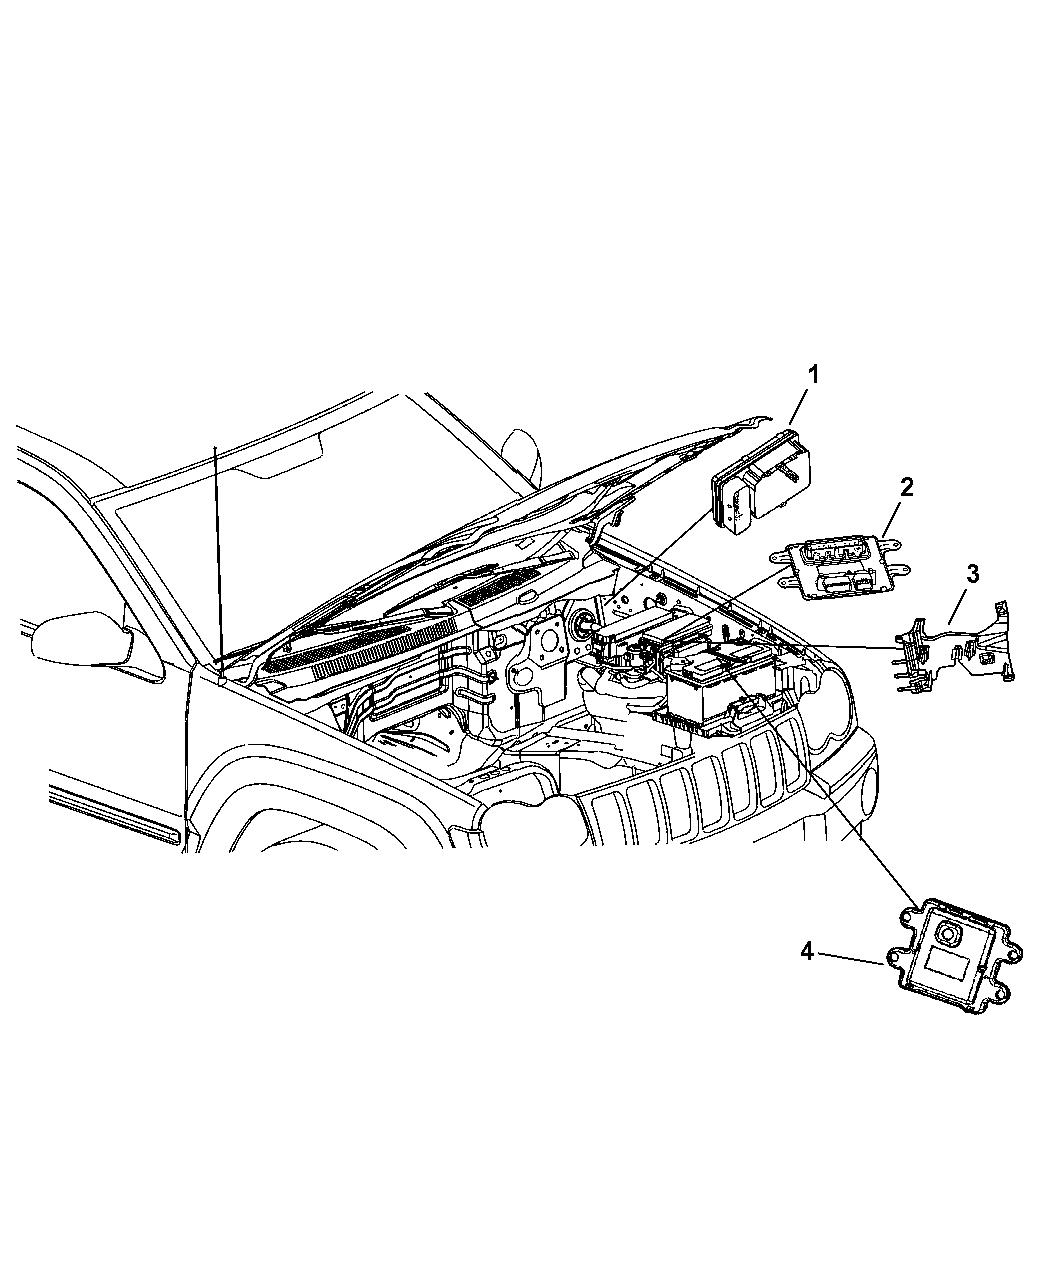 ... chevy blazer wiring diagram , cascade 29 boat wiring diagram , toyota  alternator wiring diagram pdf , vanagon instrument cluster wiring diagram